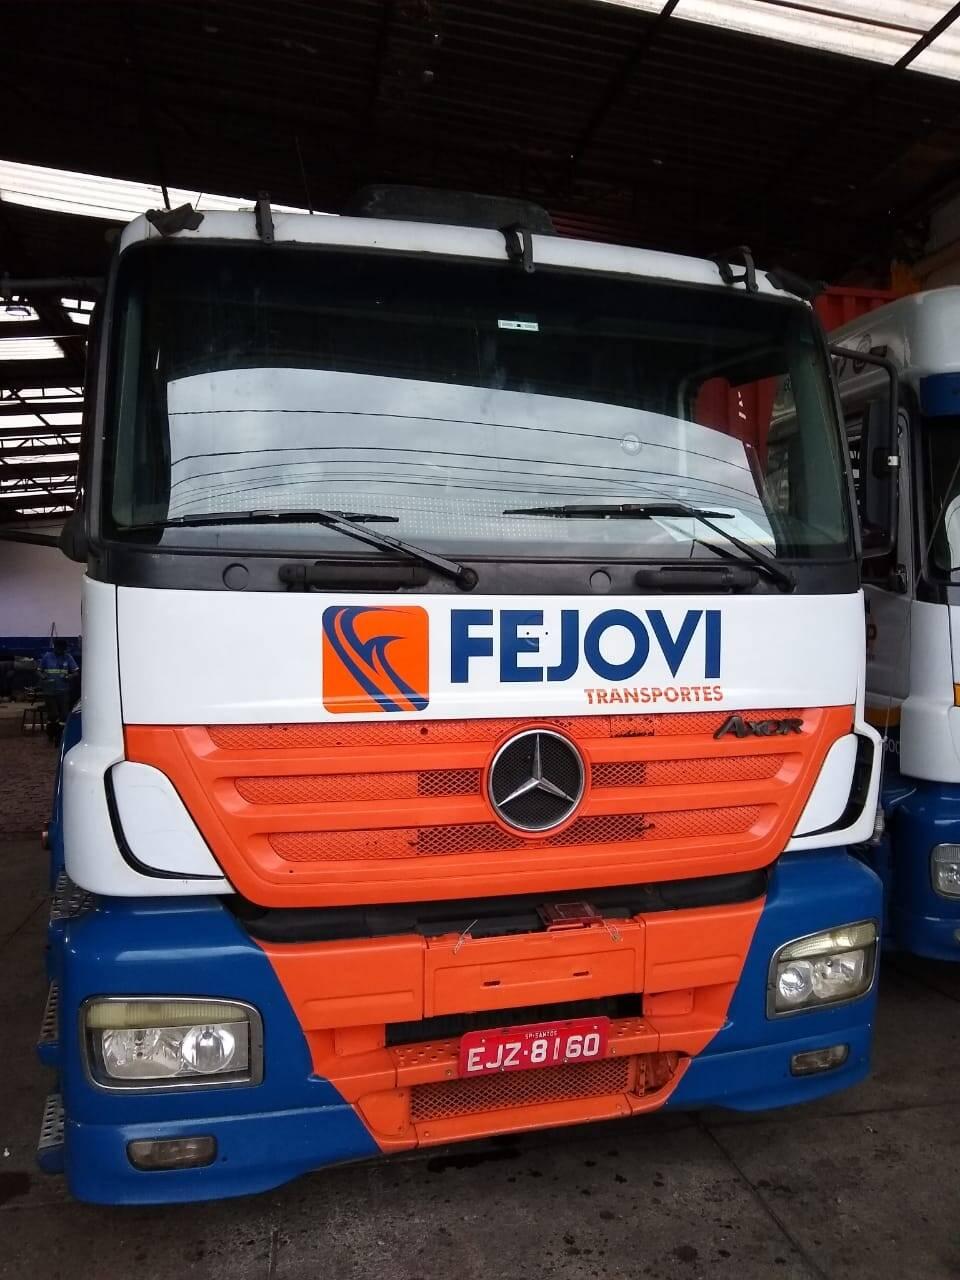 Caminhões | Fejovi